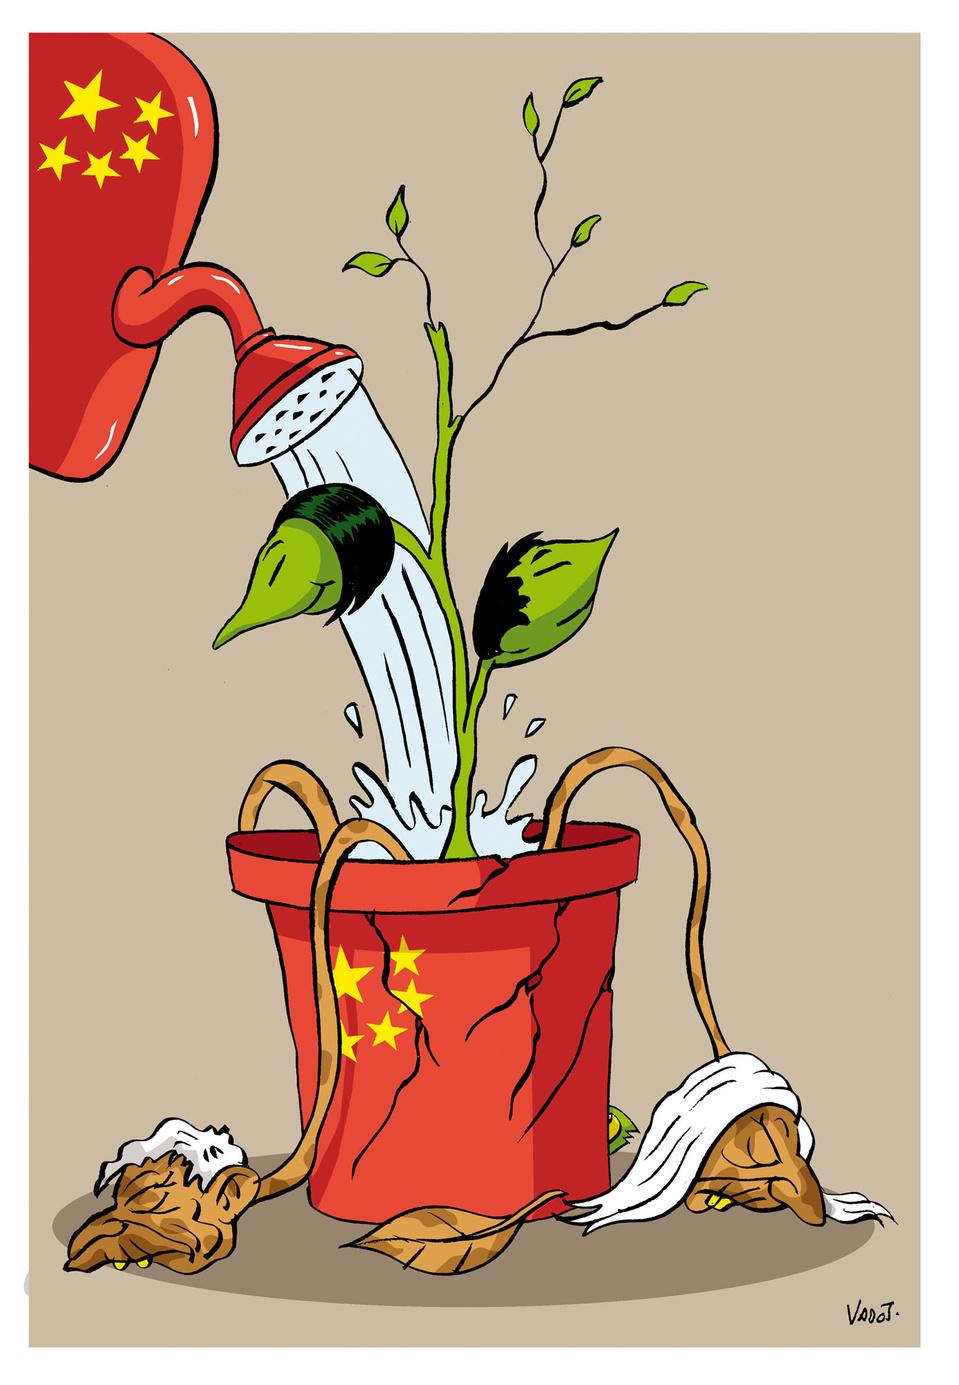 Afin de lutter contre le vieillissement de sa population, la Chine autorise maintenant les parents à avoir trois enfants au lieu de deux, après être déjà revenue sur la politique de l'enfant unique., Vadot